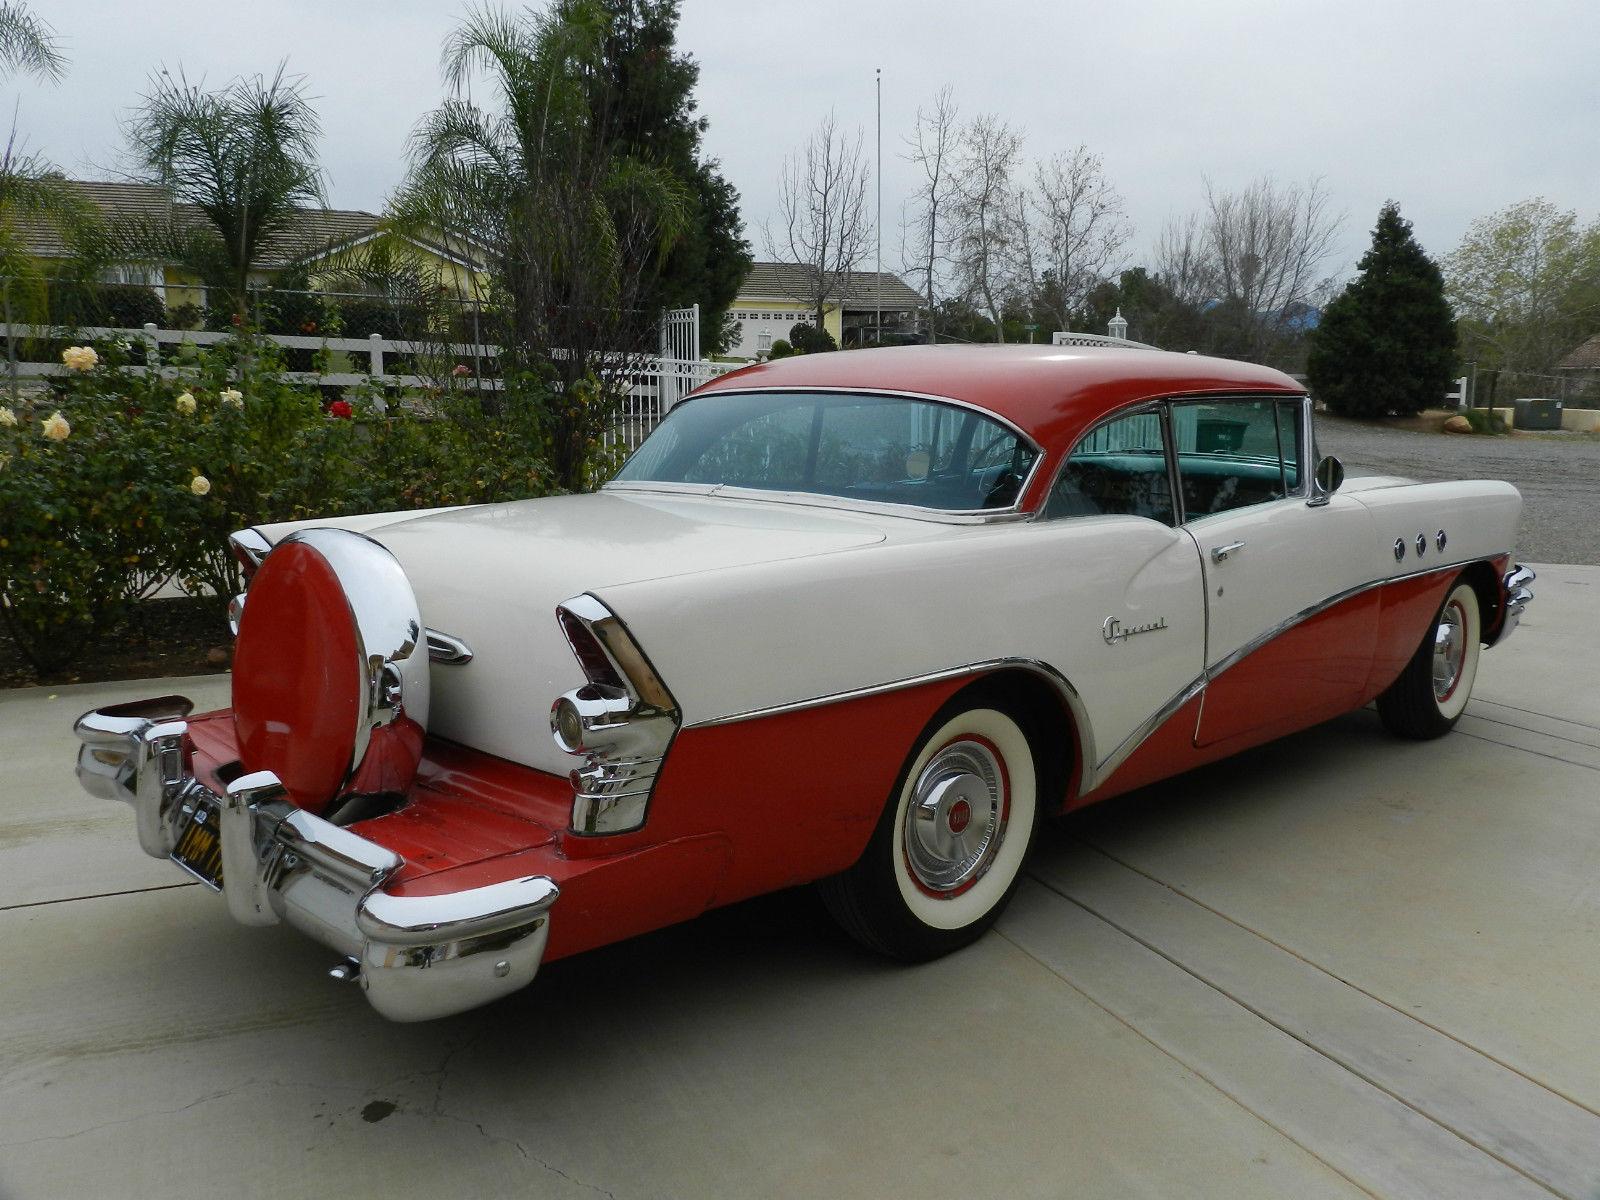 1955 Buick Special 2 Door Hardtop, Nice For Sale In